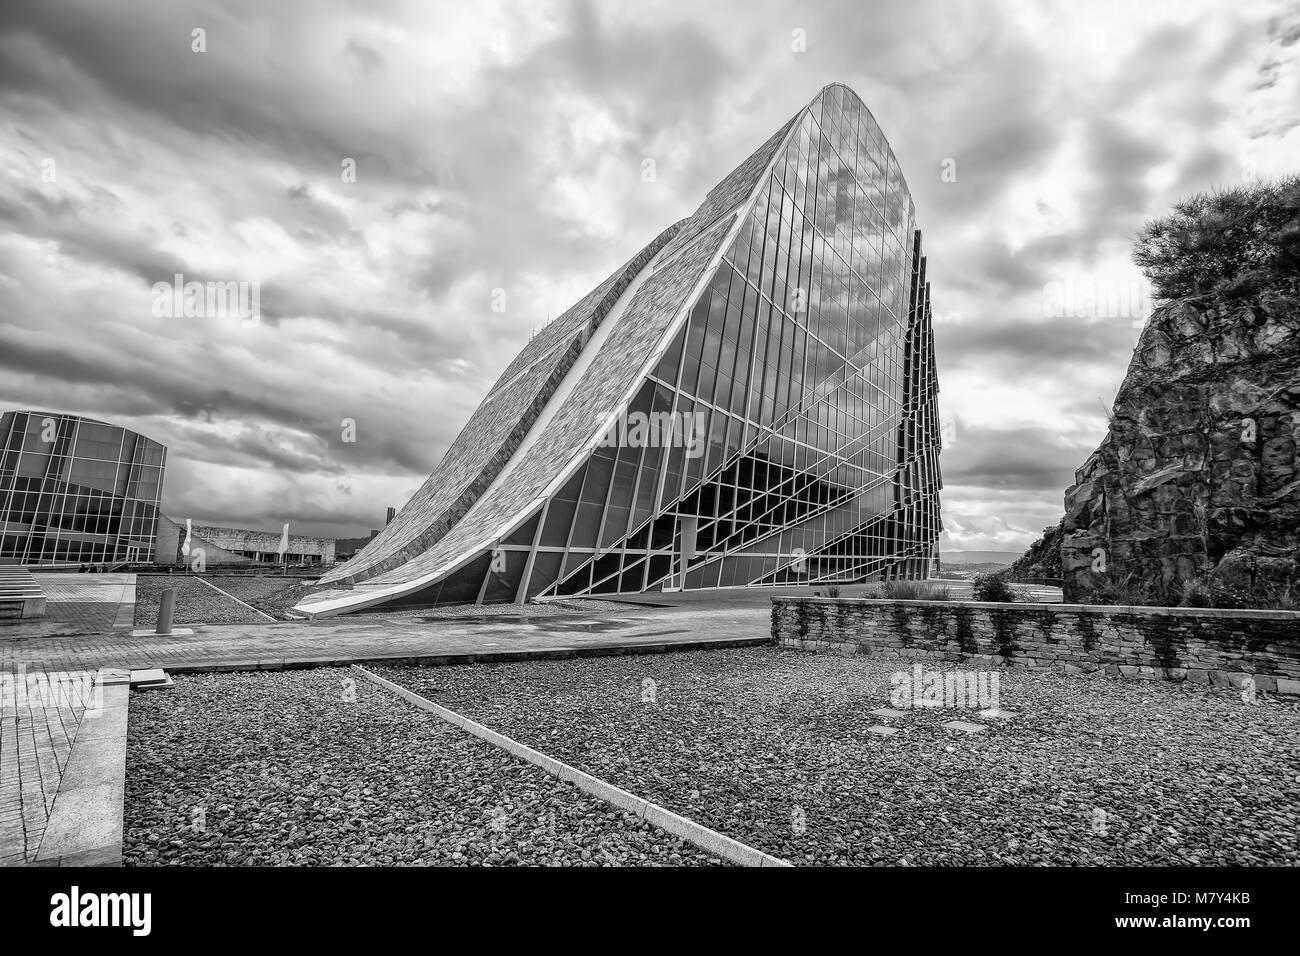 Architettura contemporanea,Museo,città della cultura della Galizia, Cidade da cultura de Galicia, di Peter Immagini Stock